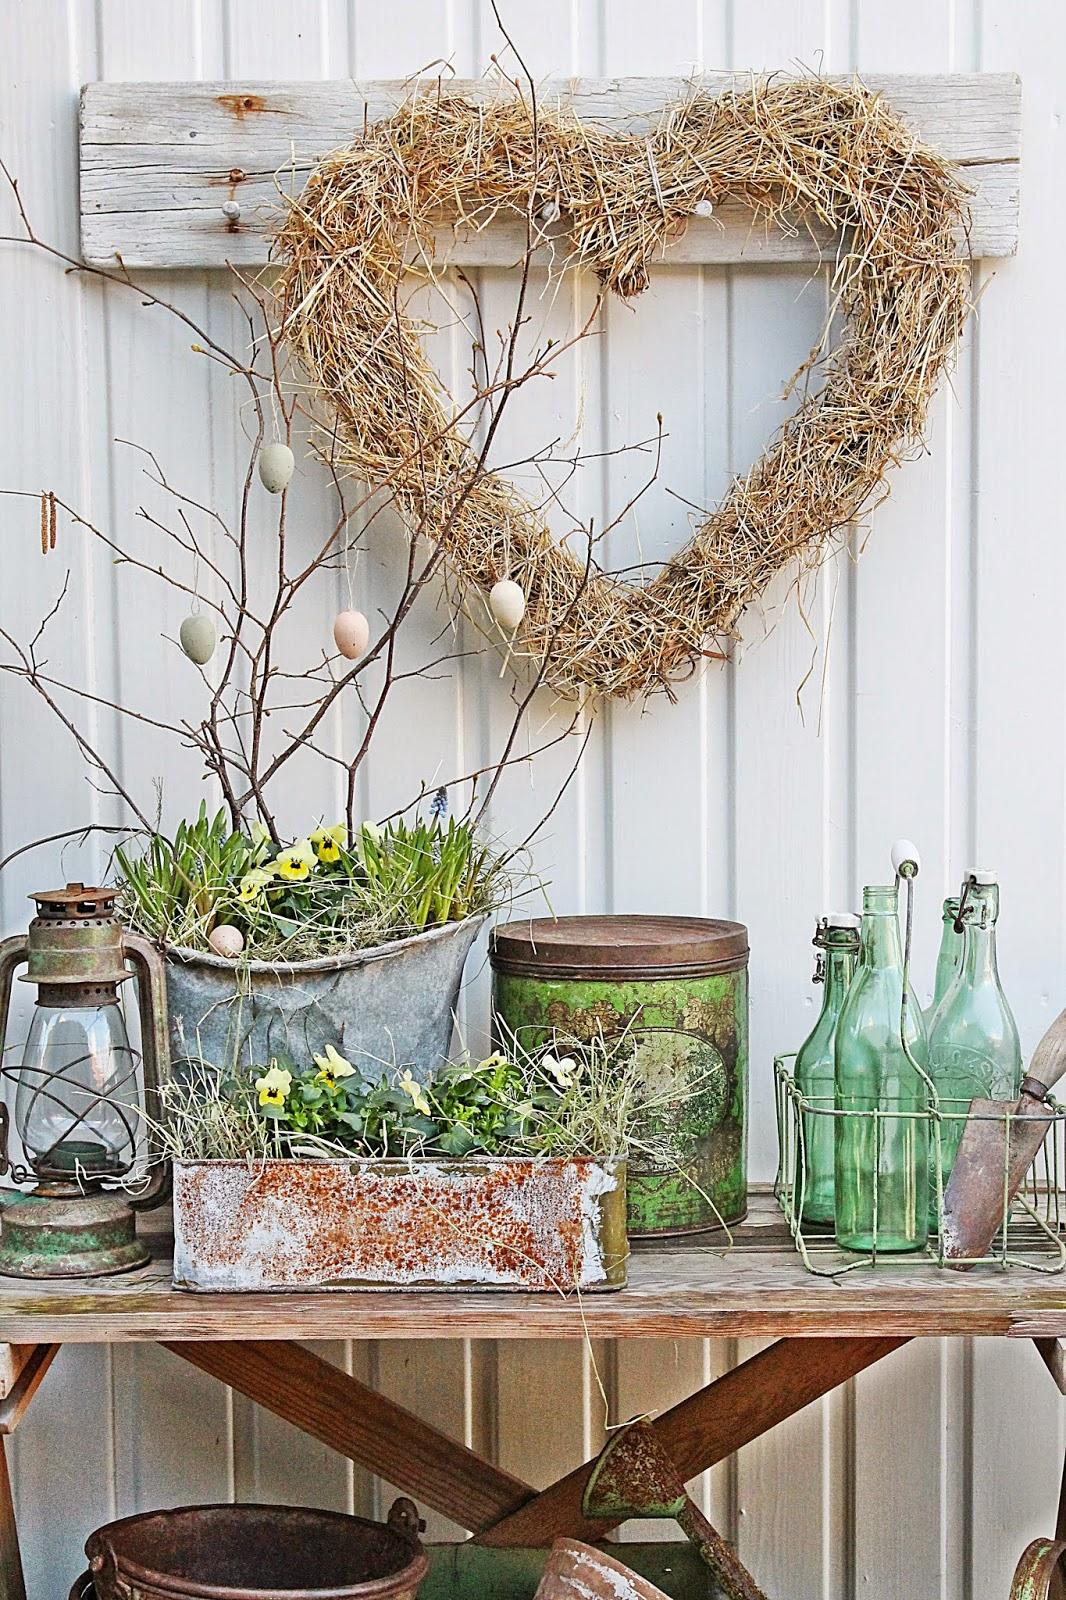 Растительный декор для интерьера в стиле винтаж